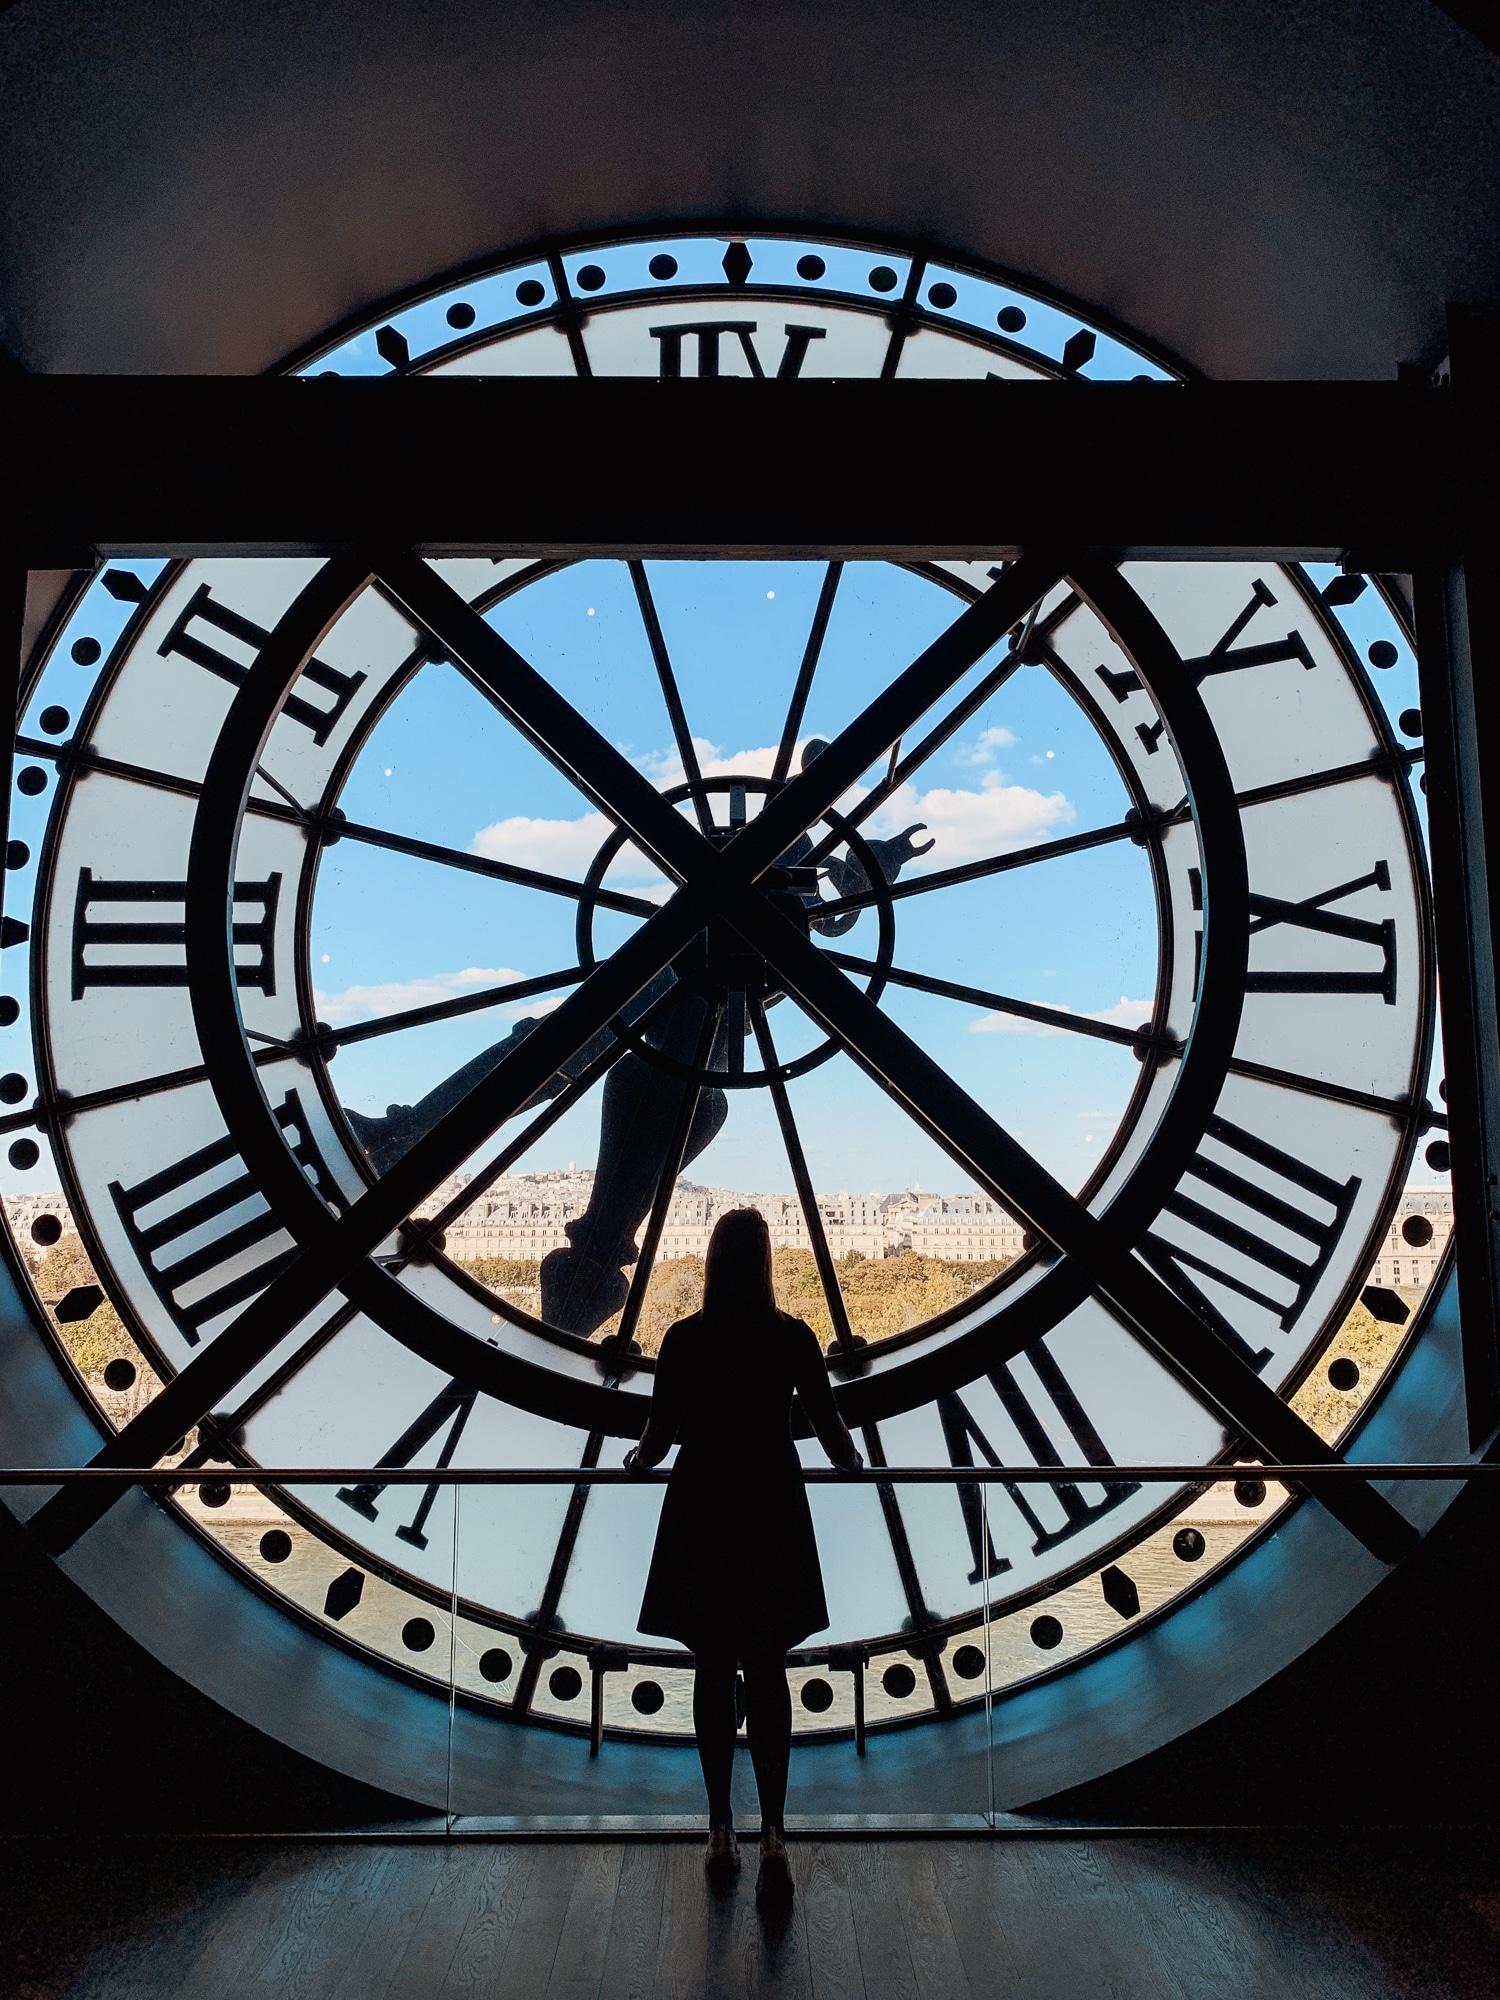 Schönste Fotospots in Paris - und meine liebsten Instagram Hotspots - Orsay Museum Uhr